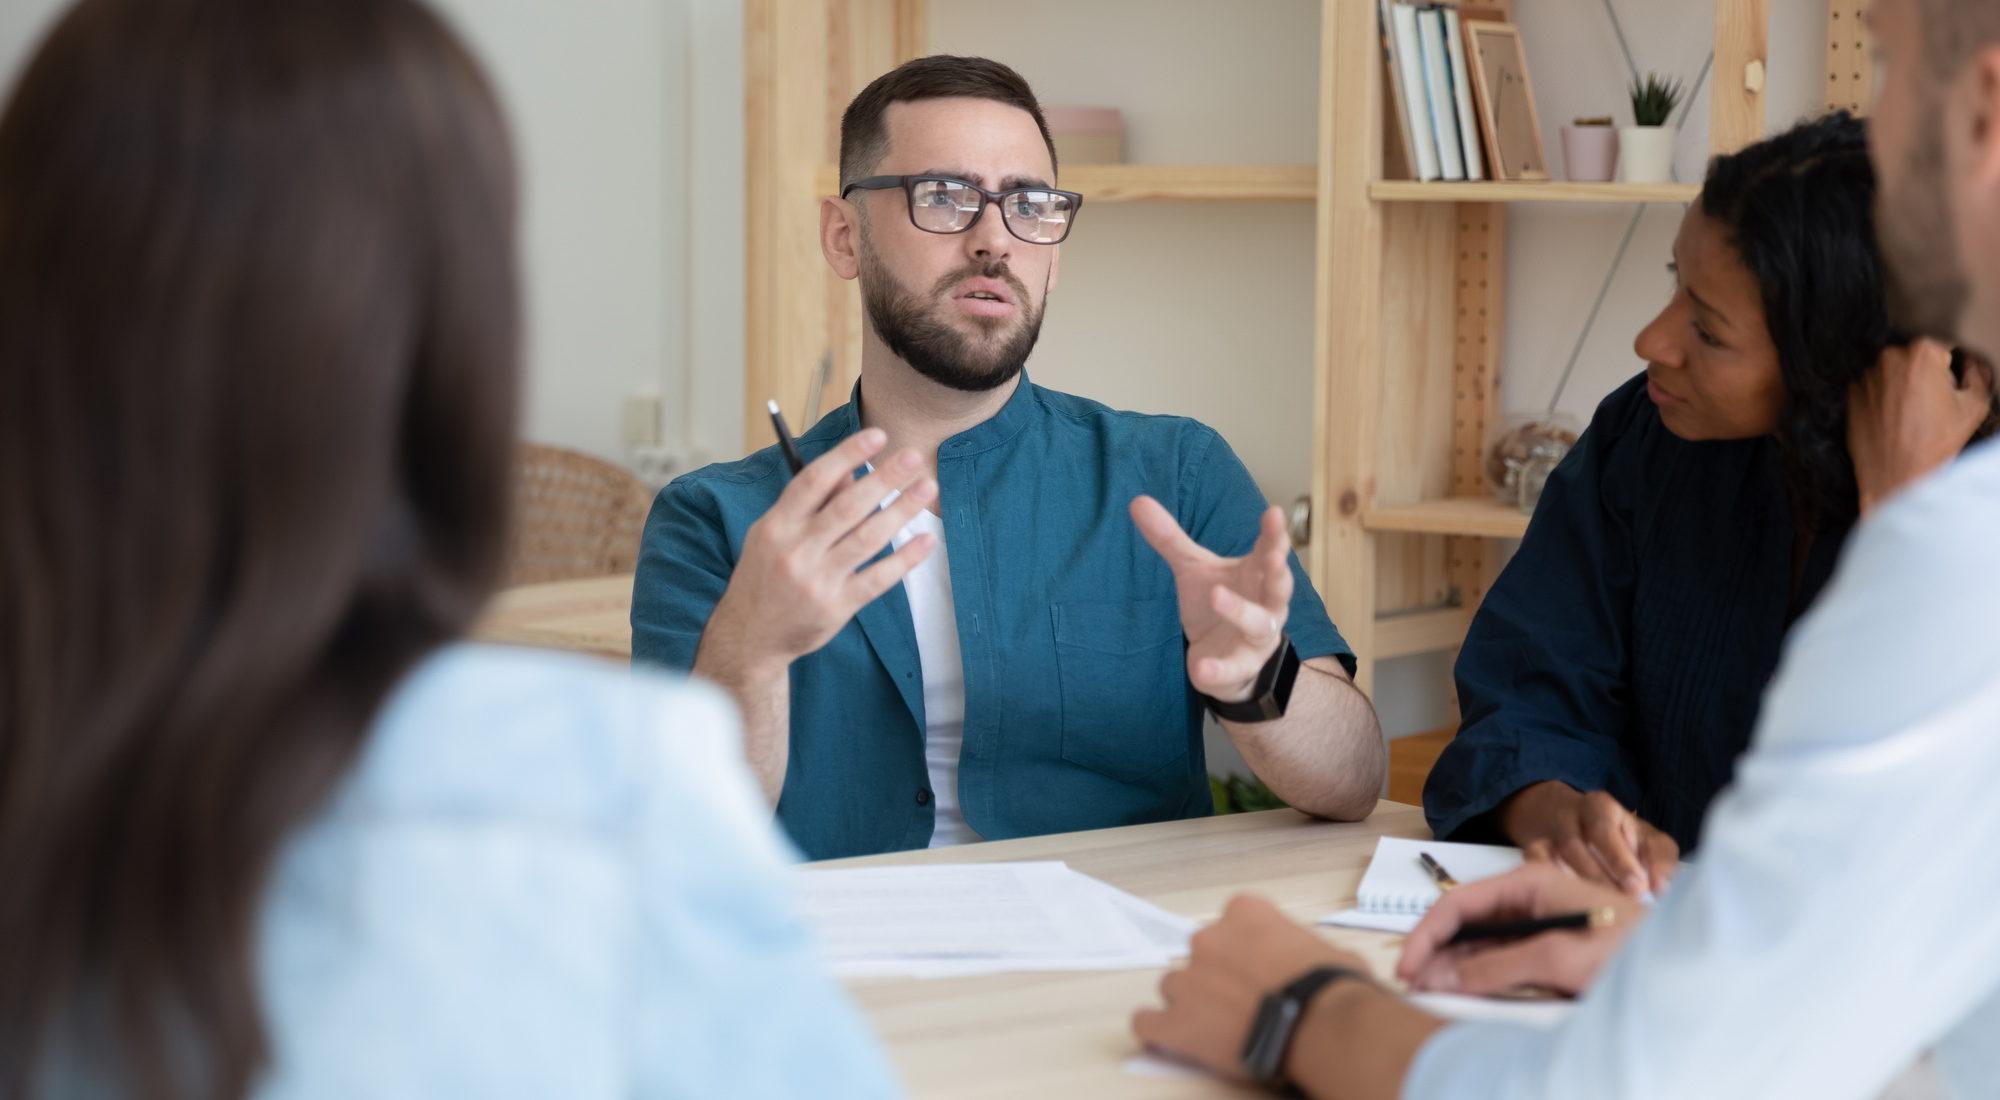 Im Gespräch mit dem Kunden Vorteile der Kell-Leistungen besprochen.